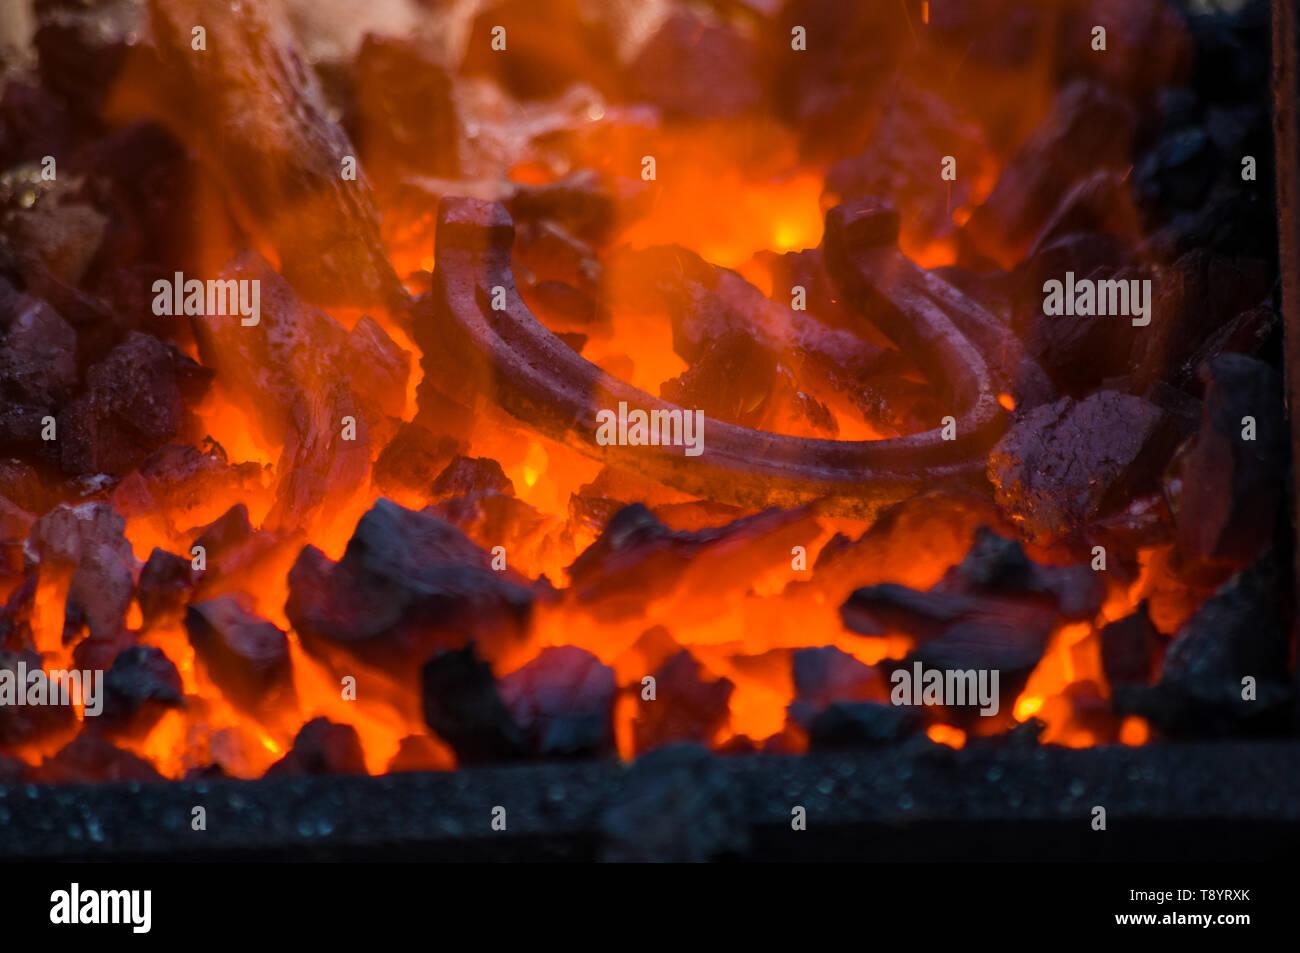 blacksmith furnace with burning coals, tools, and glowing hot horseshoe, close-up - Stock Image